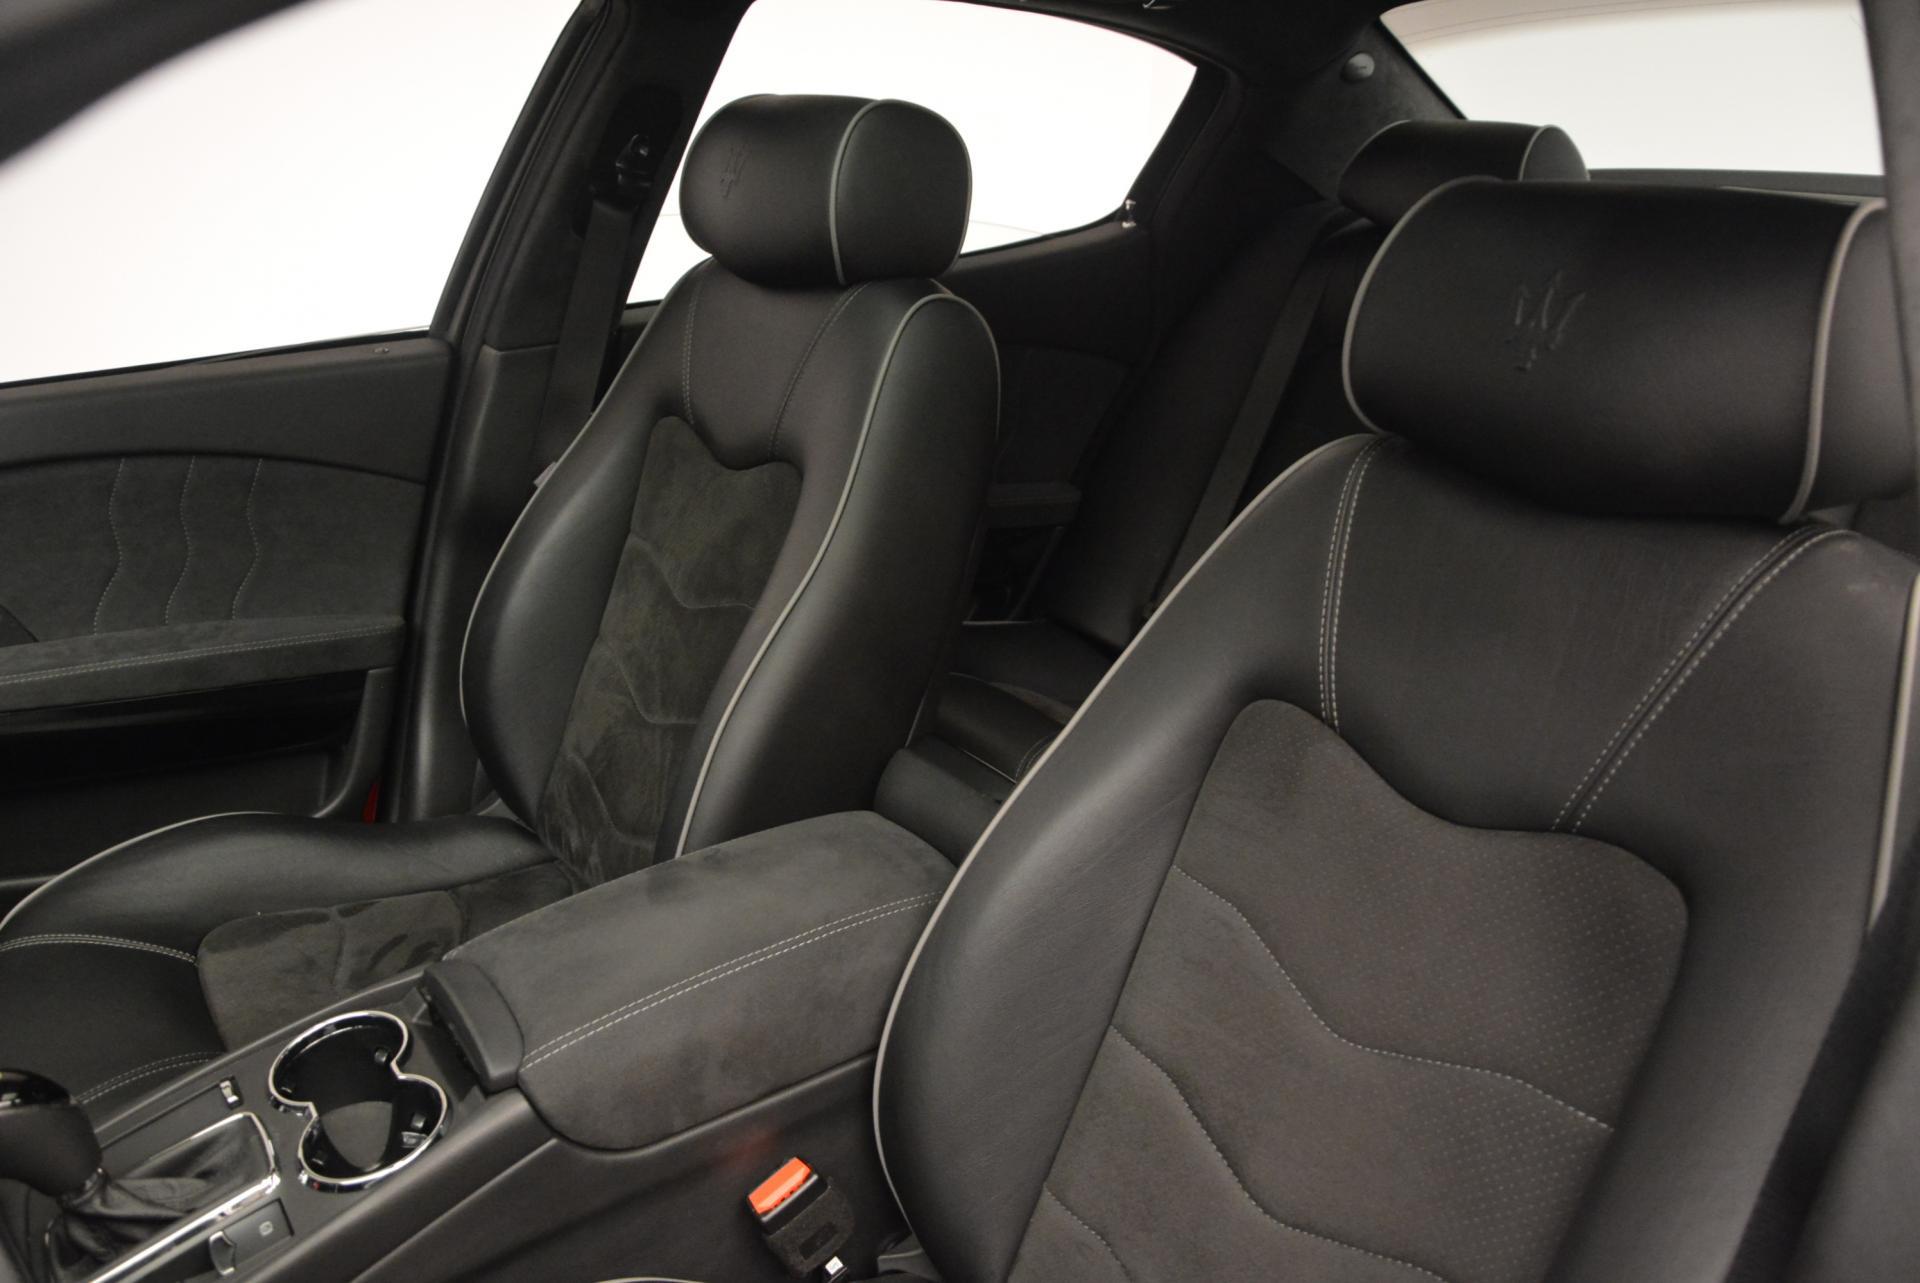 Used 2011 Maserati Quattroporte Sport GT S For Sale In Greenwich, CT 531_p16